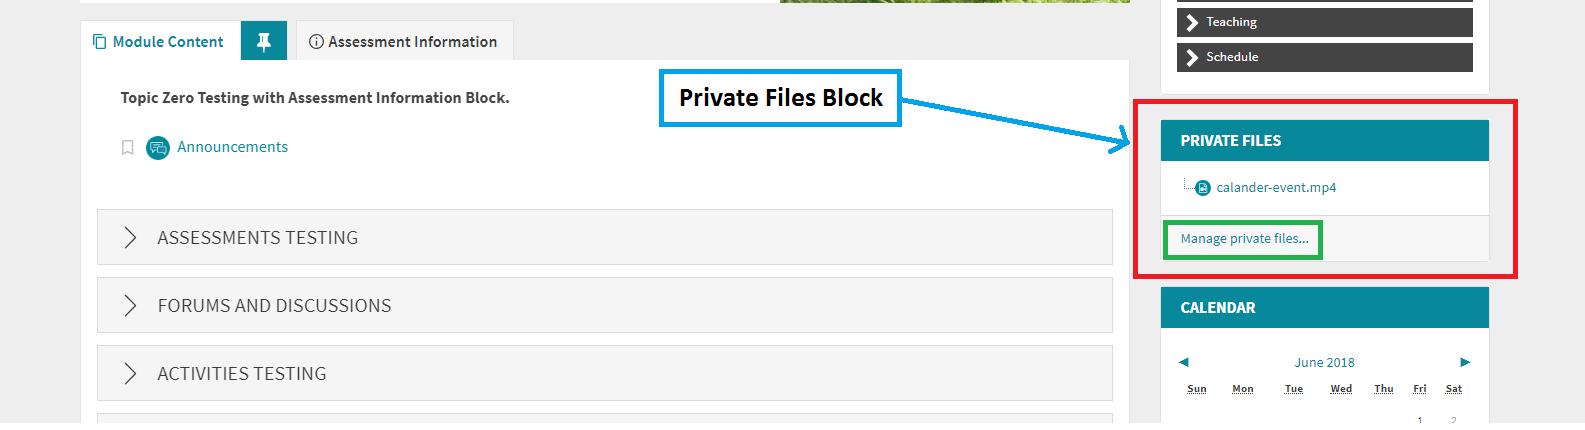 Private File Block